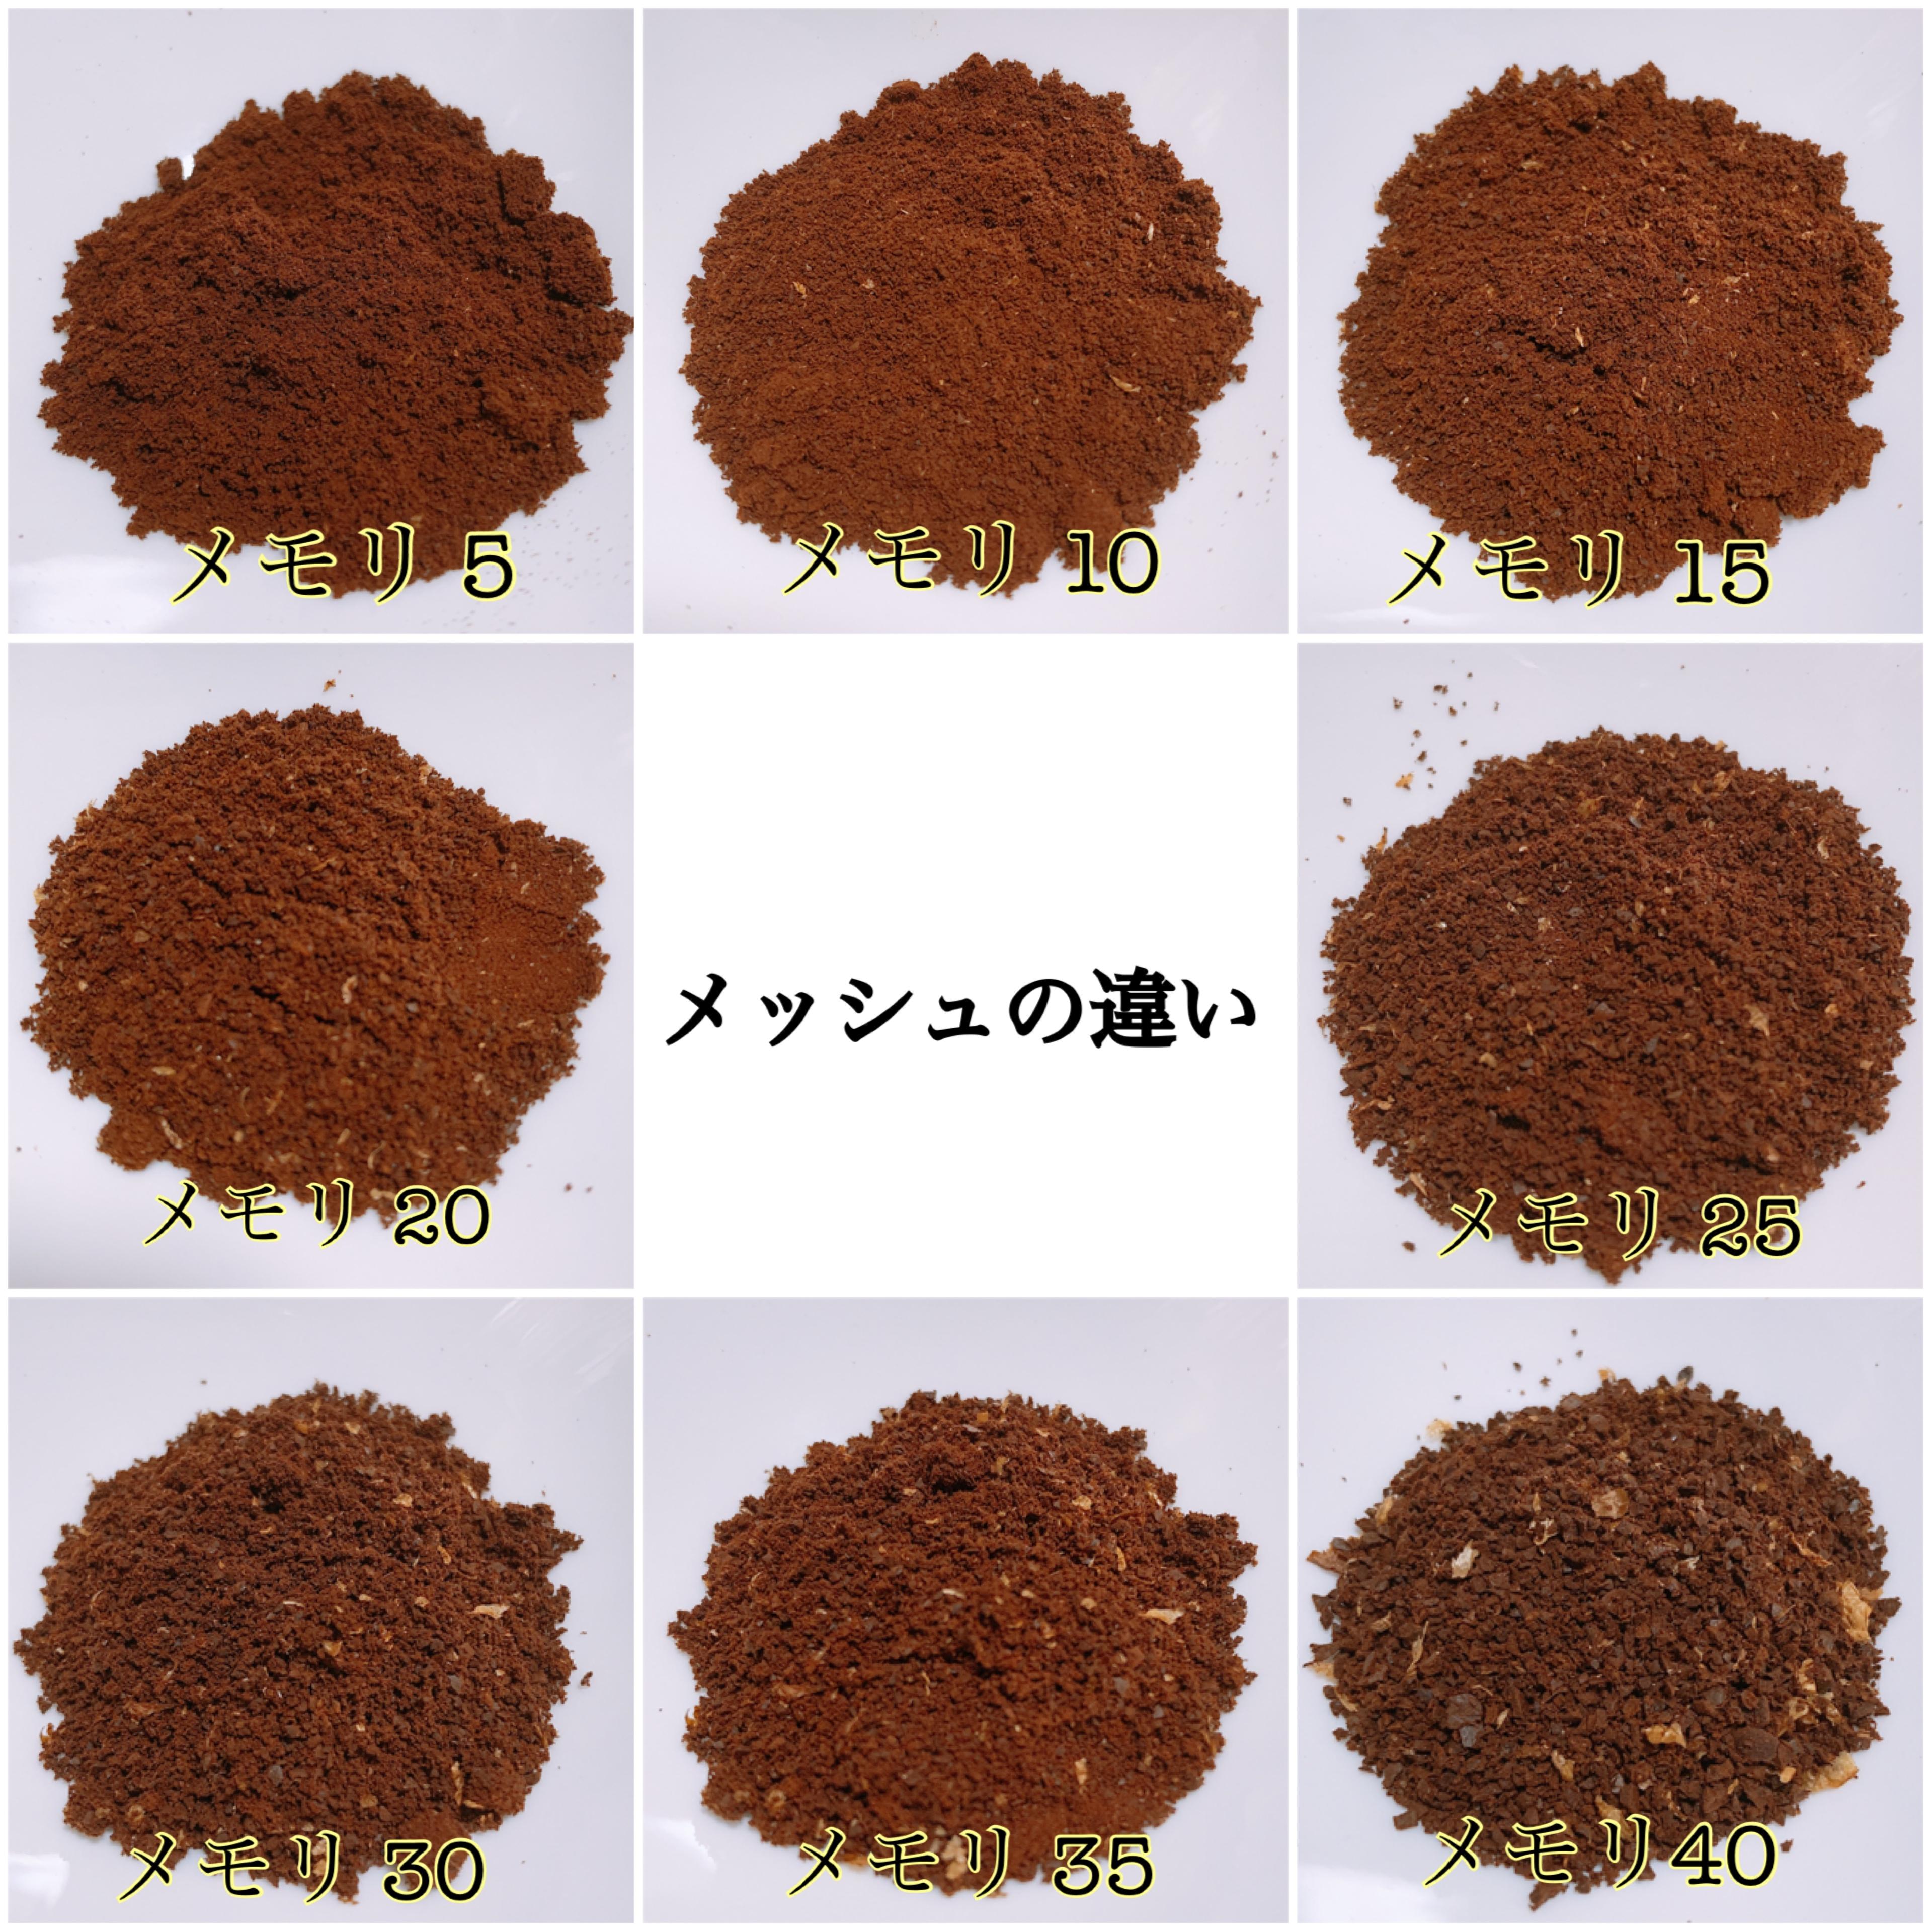 グラインダーで挽いたコーヒー粉の挽き目の違い